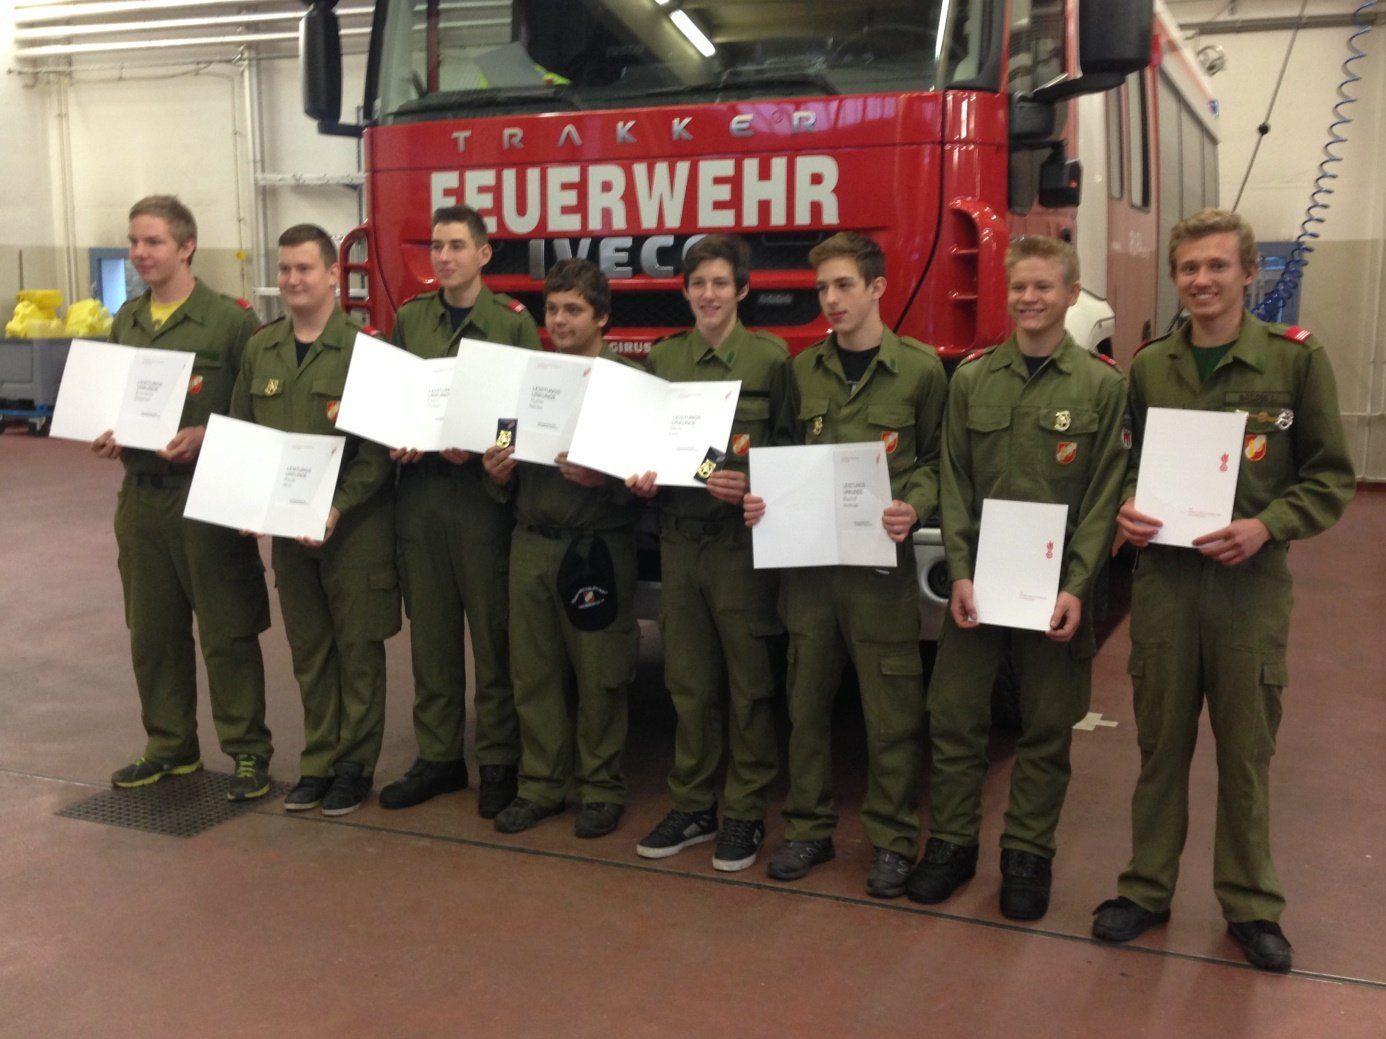 Feuerwehrjugendleistungsabzeichen in Gold.